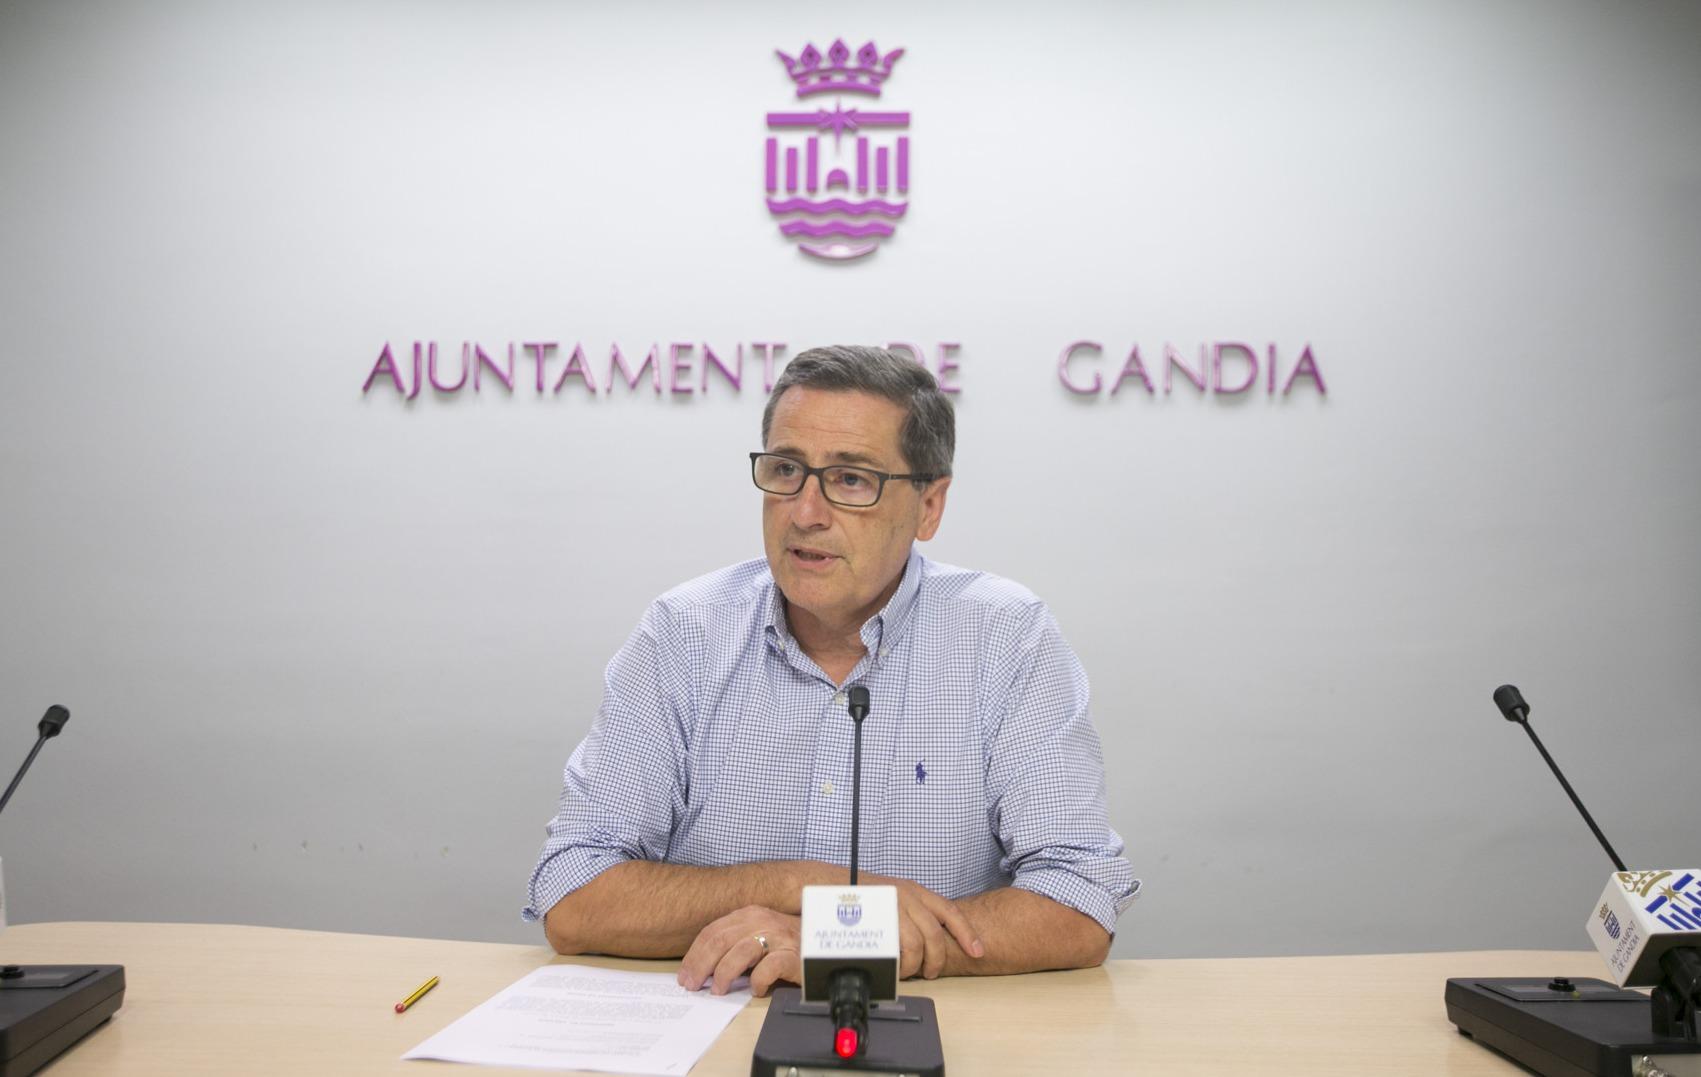 El Ayuntamiento de Gandia reduce la deuda del consistorio en 65 millones de euros